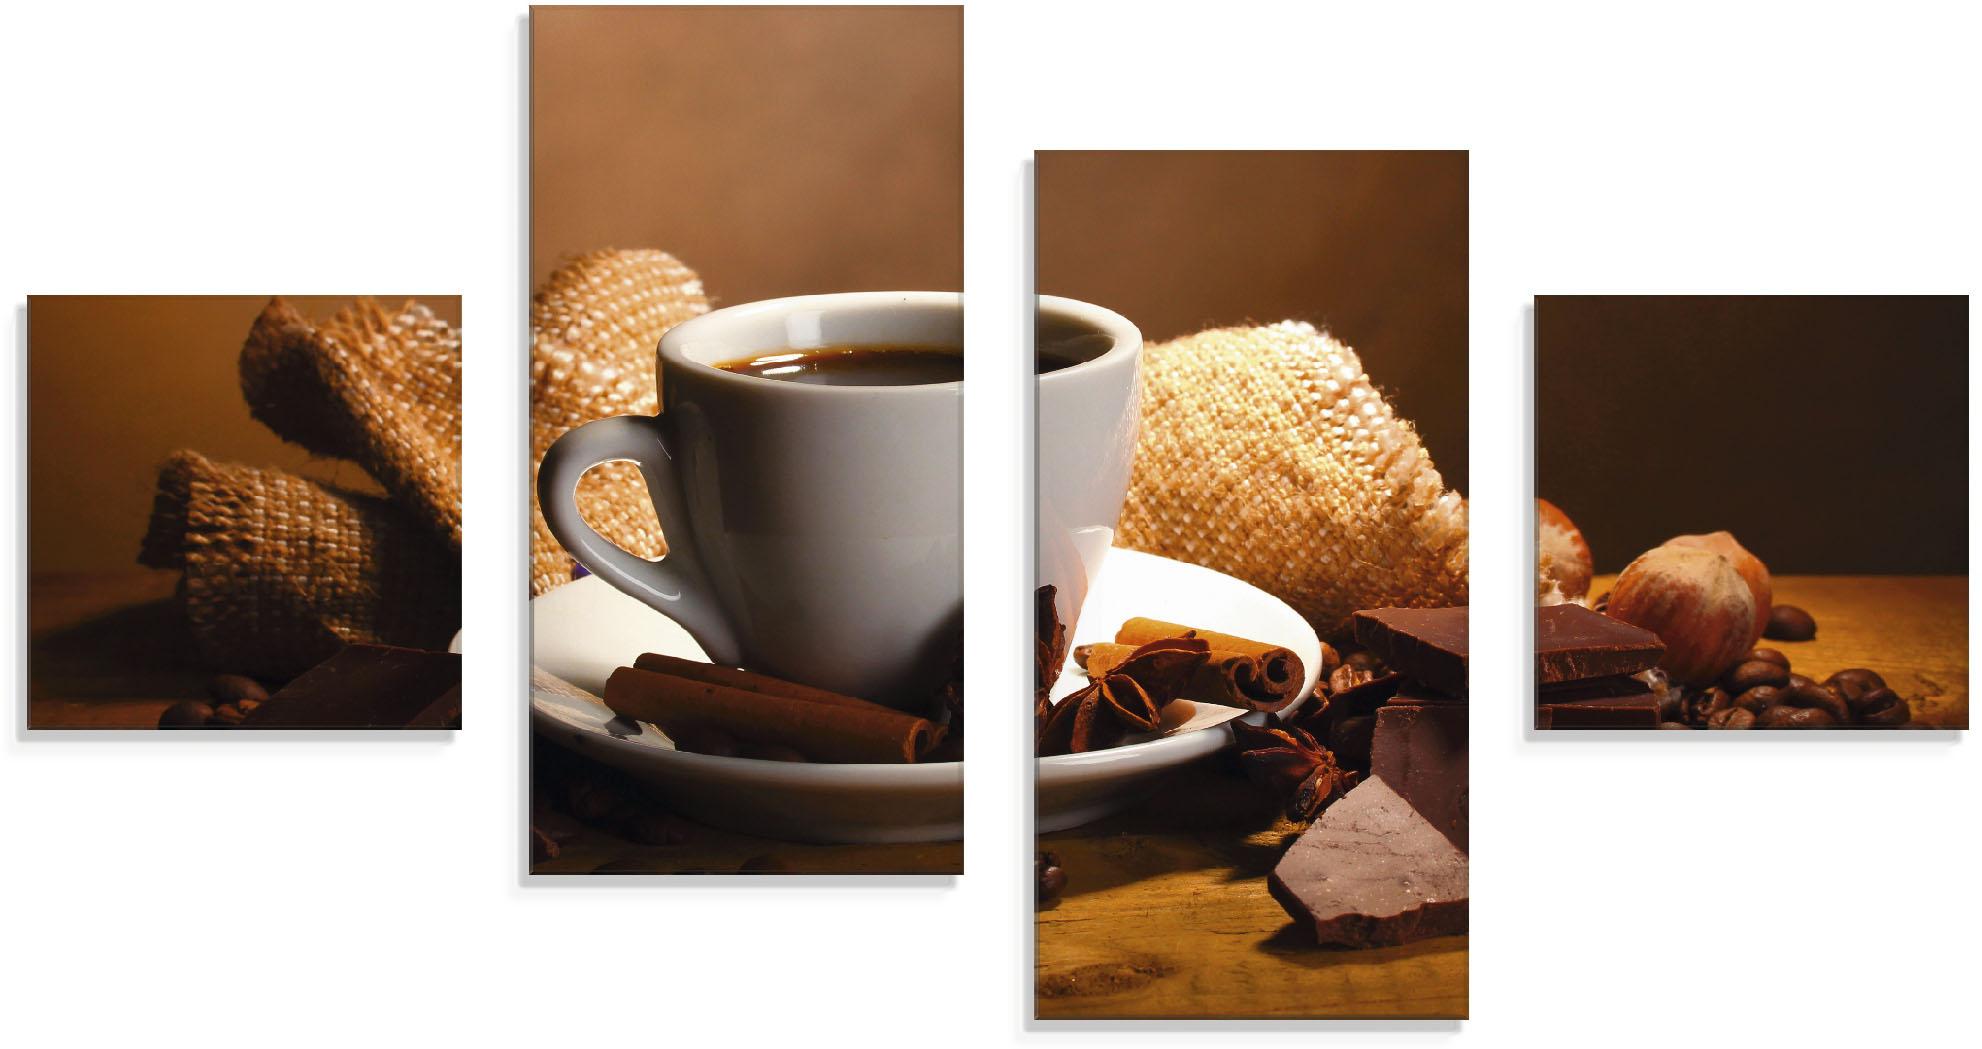 Artland Glasbild Kaffeetasse Zimtstange Nüsse Schokolade, Getränke, (4 St.) braun Glasbilder Bilder Bilderrahmen Wohnaccessoires